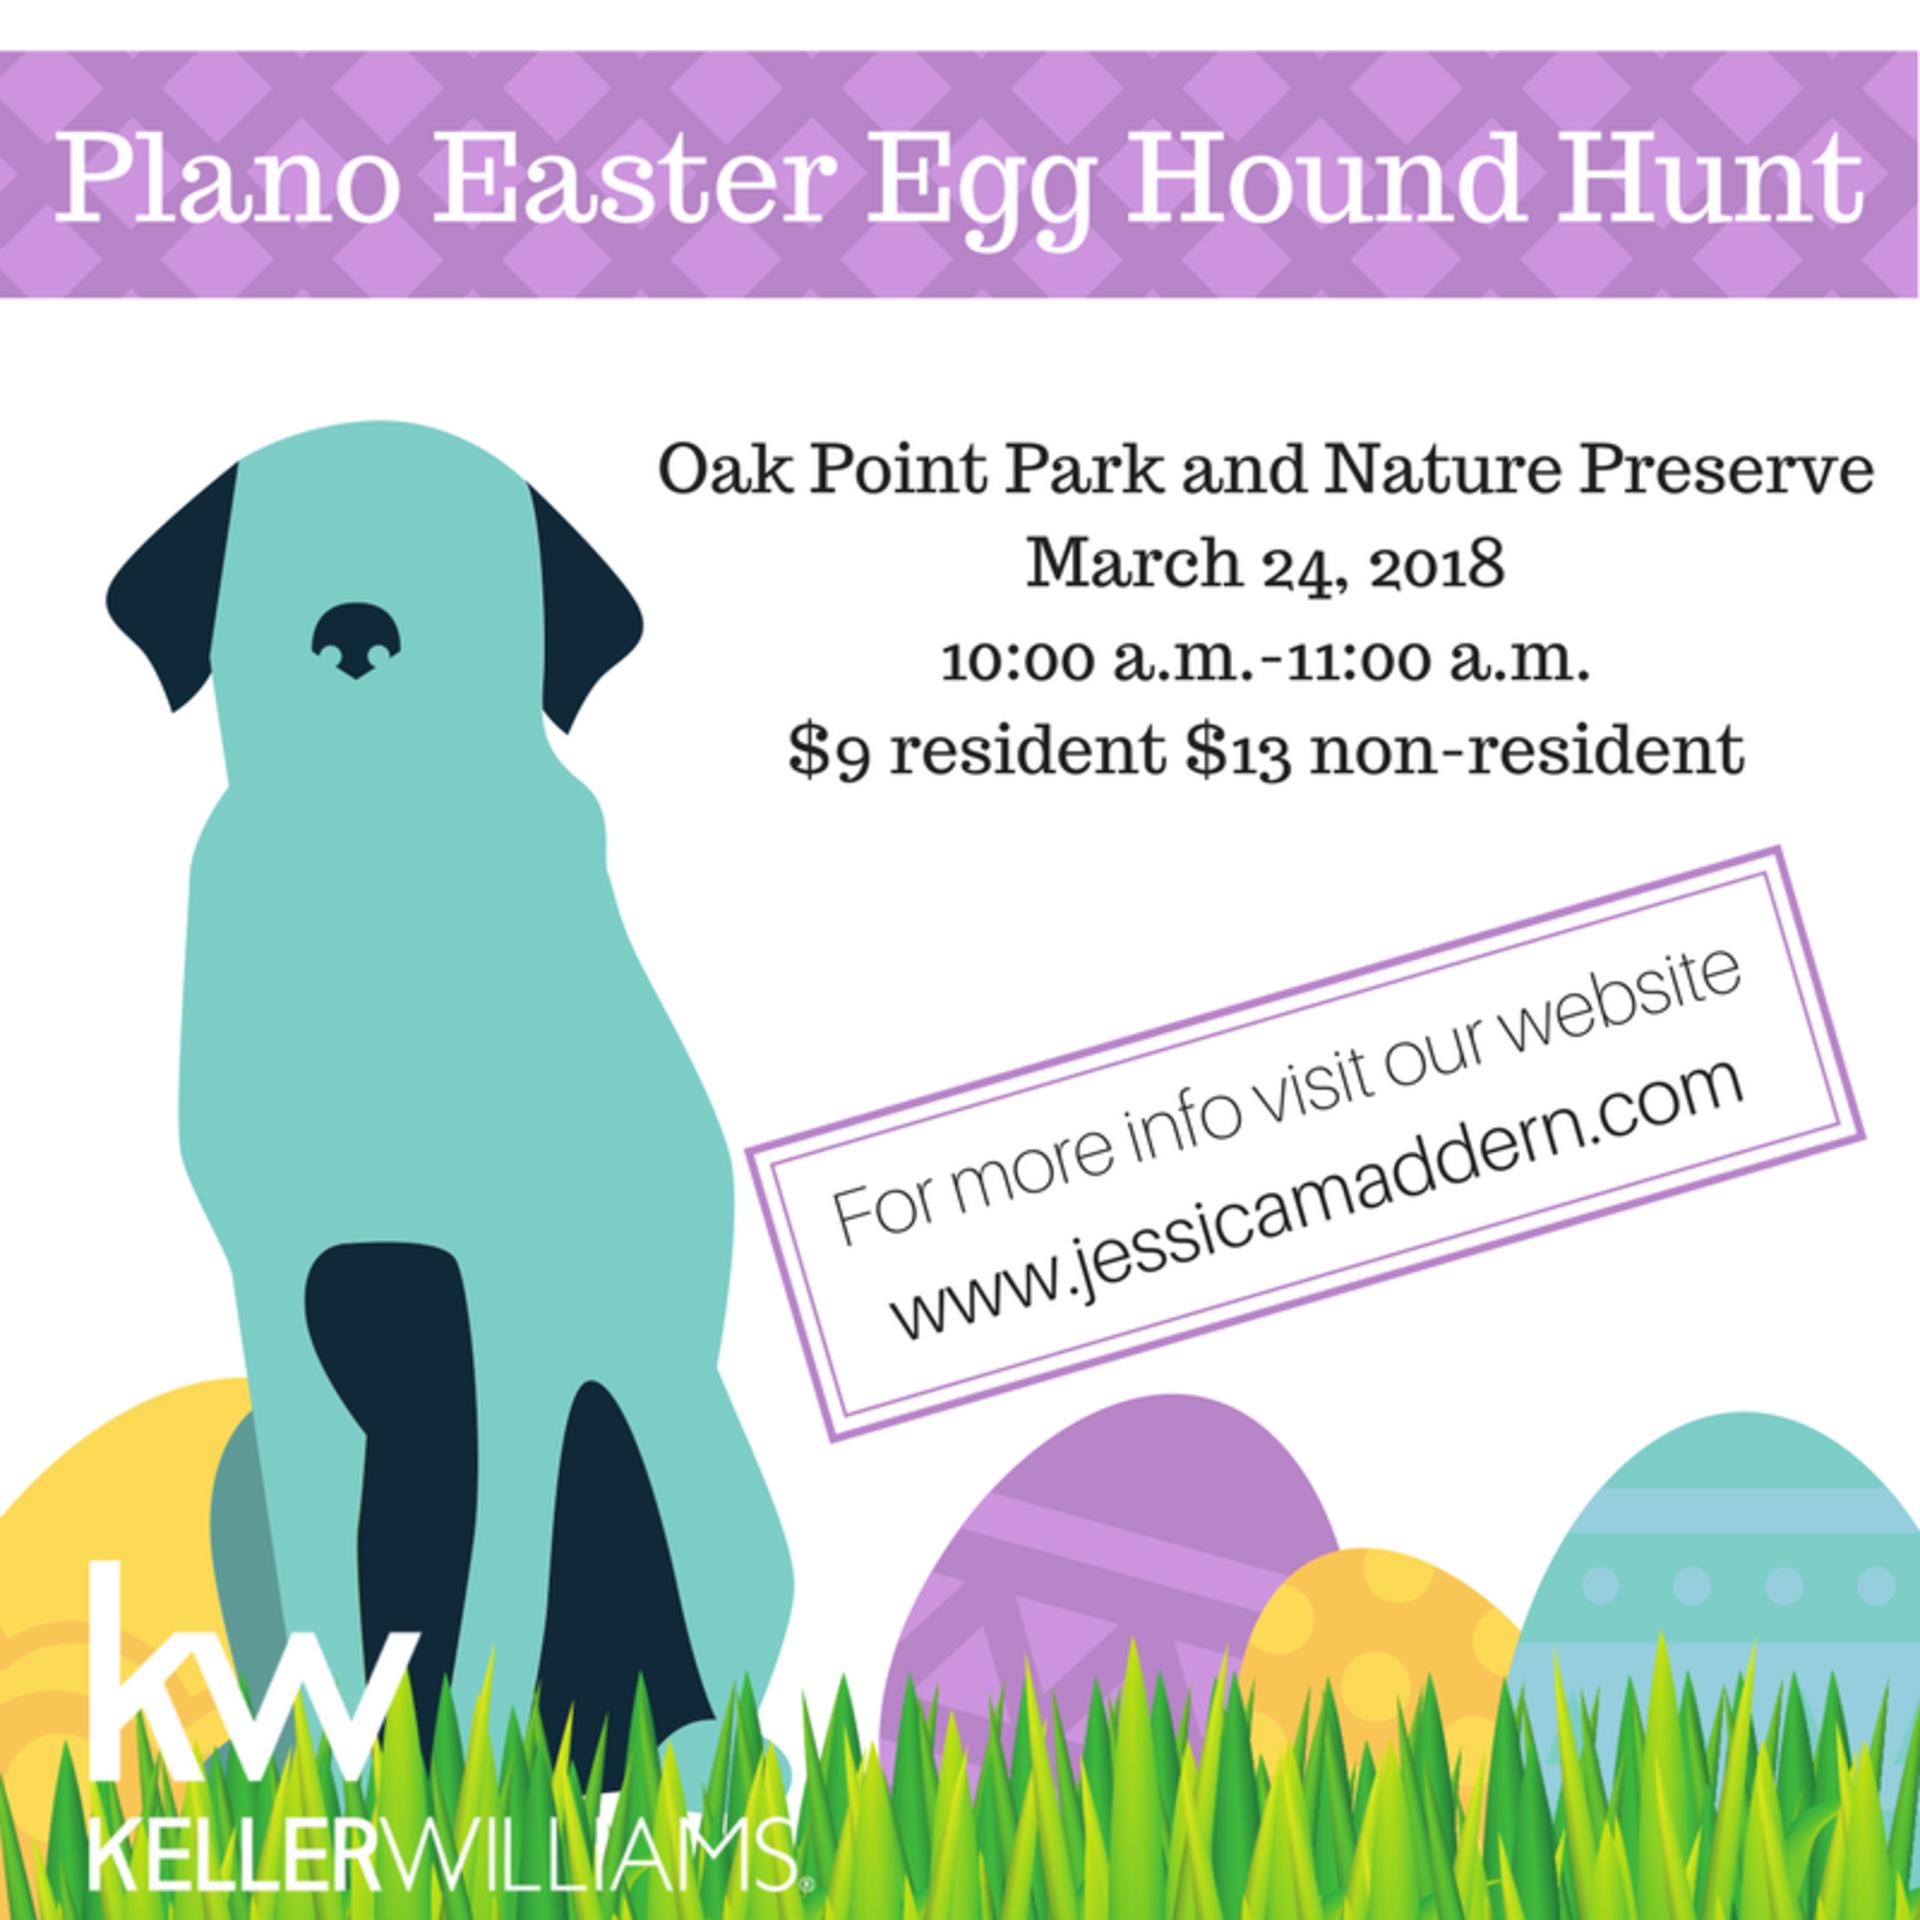 Plano Easter Egg Hound Hunt